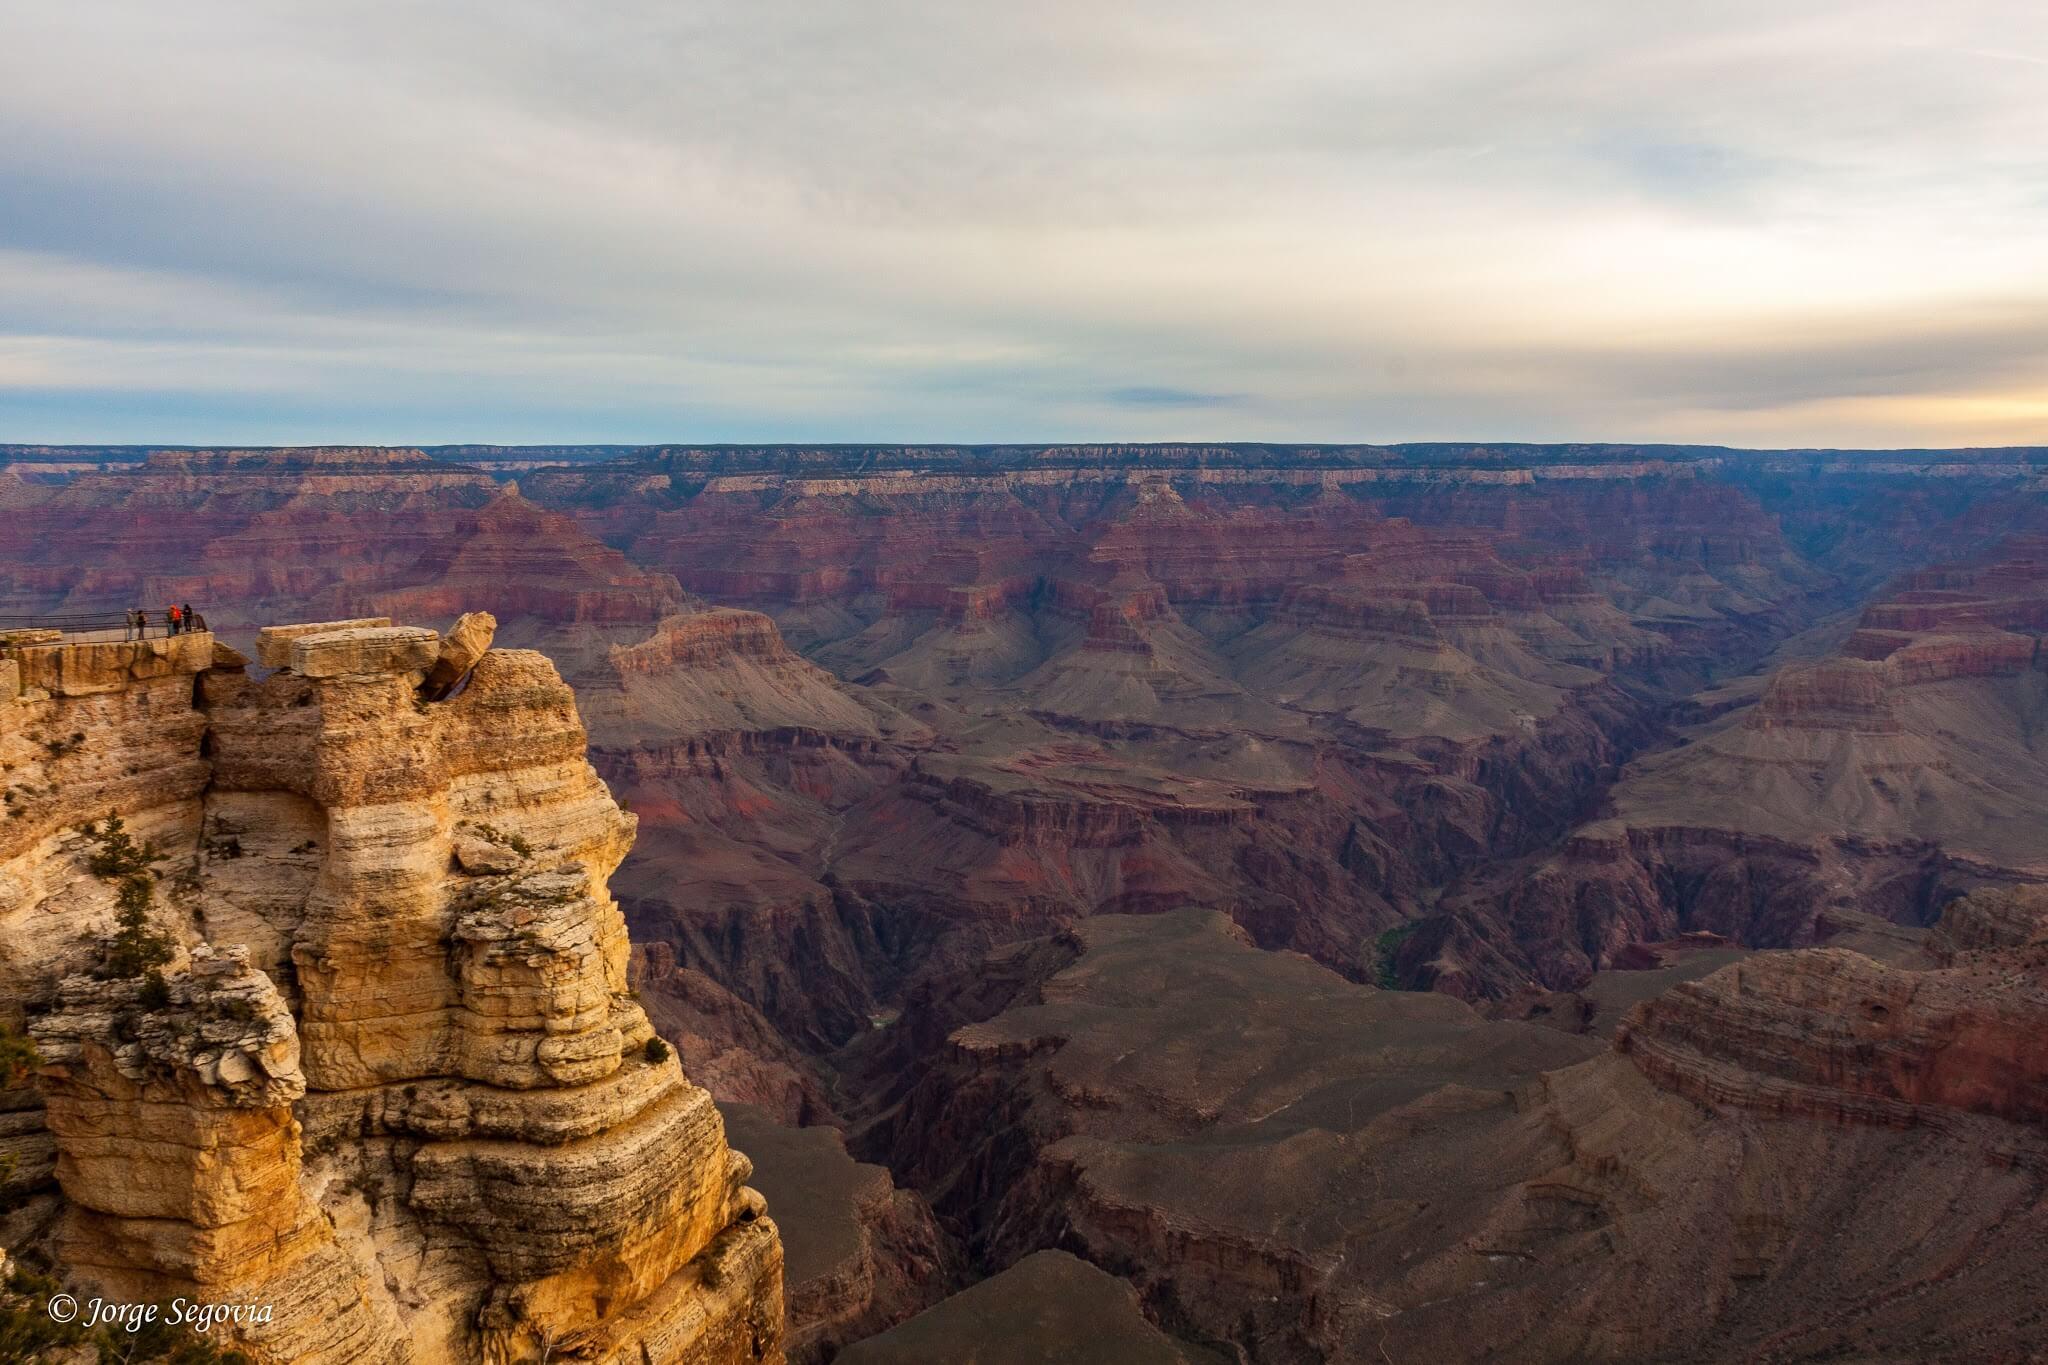 Amanecer en Grand Canyon